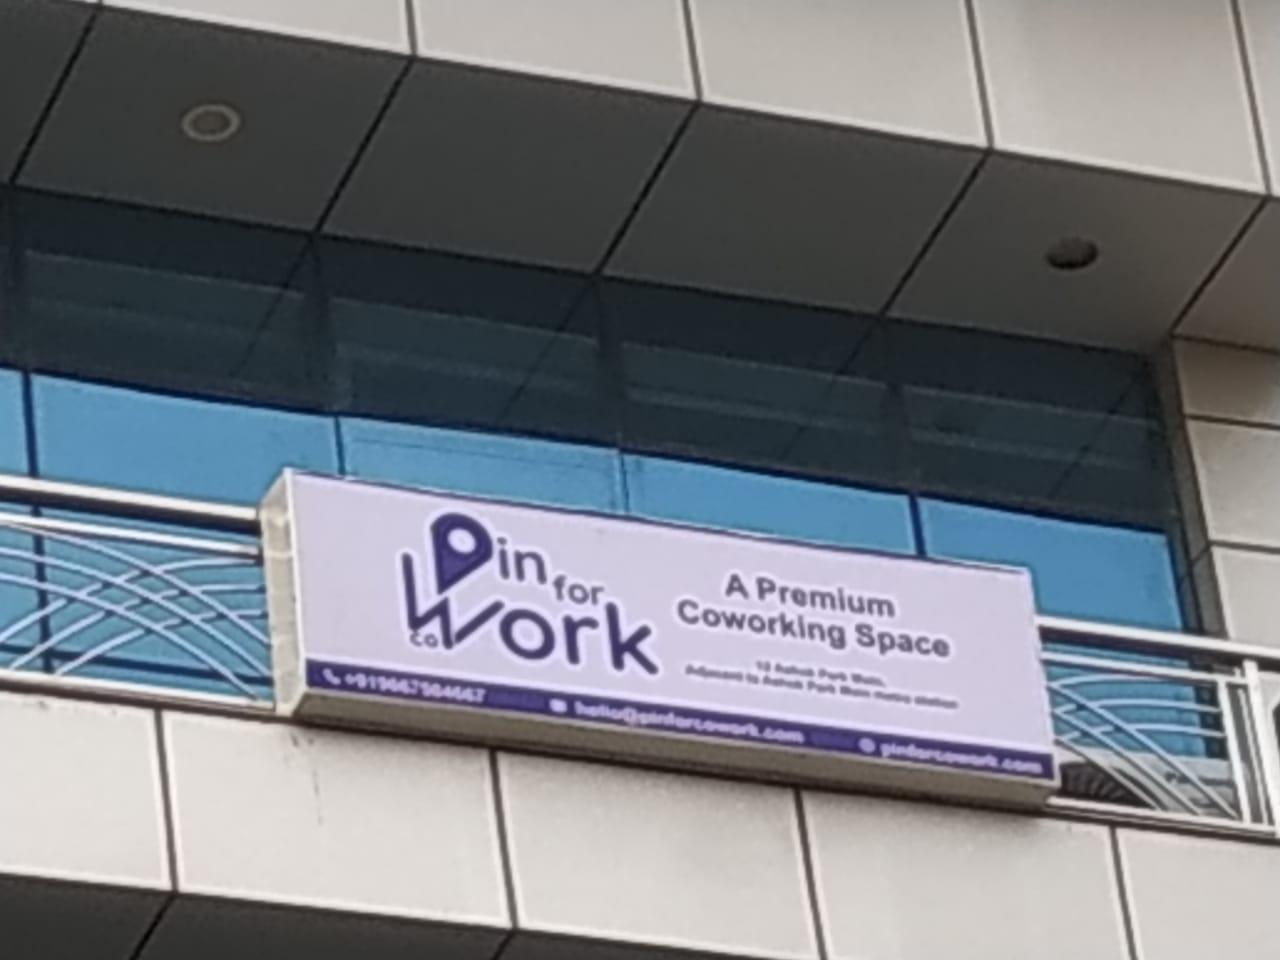 Pin for Cowork, New Delhi